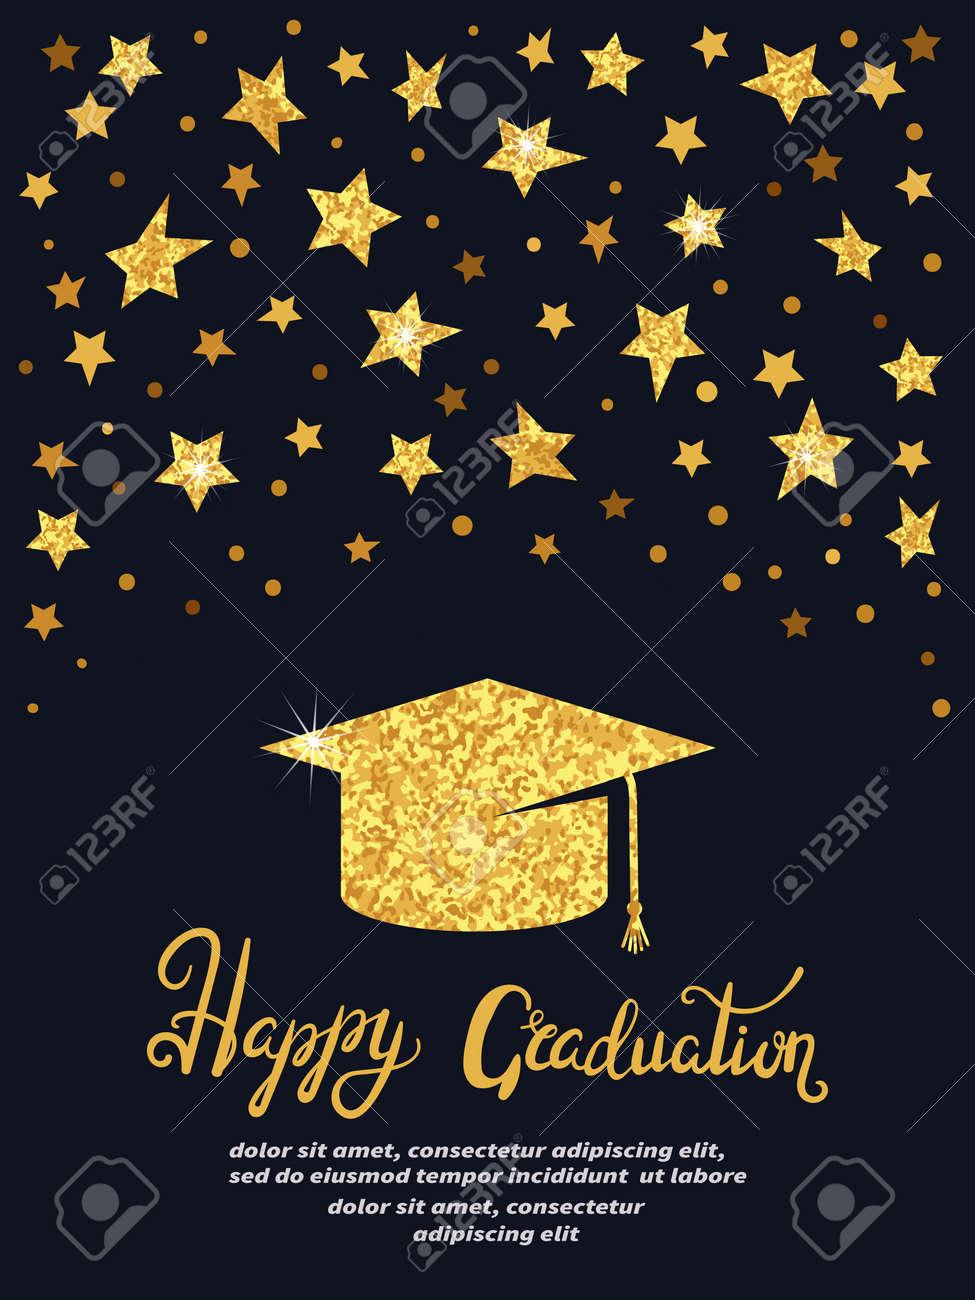 Fiesta De Graduación Plantilla De Vector De Tarjeta De Invitación En Colores Negro Y Dorado